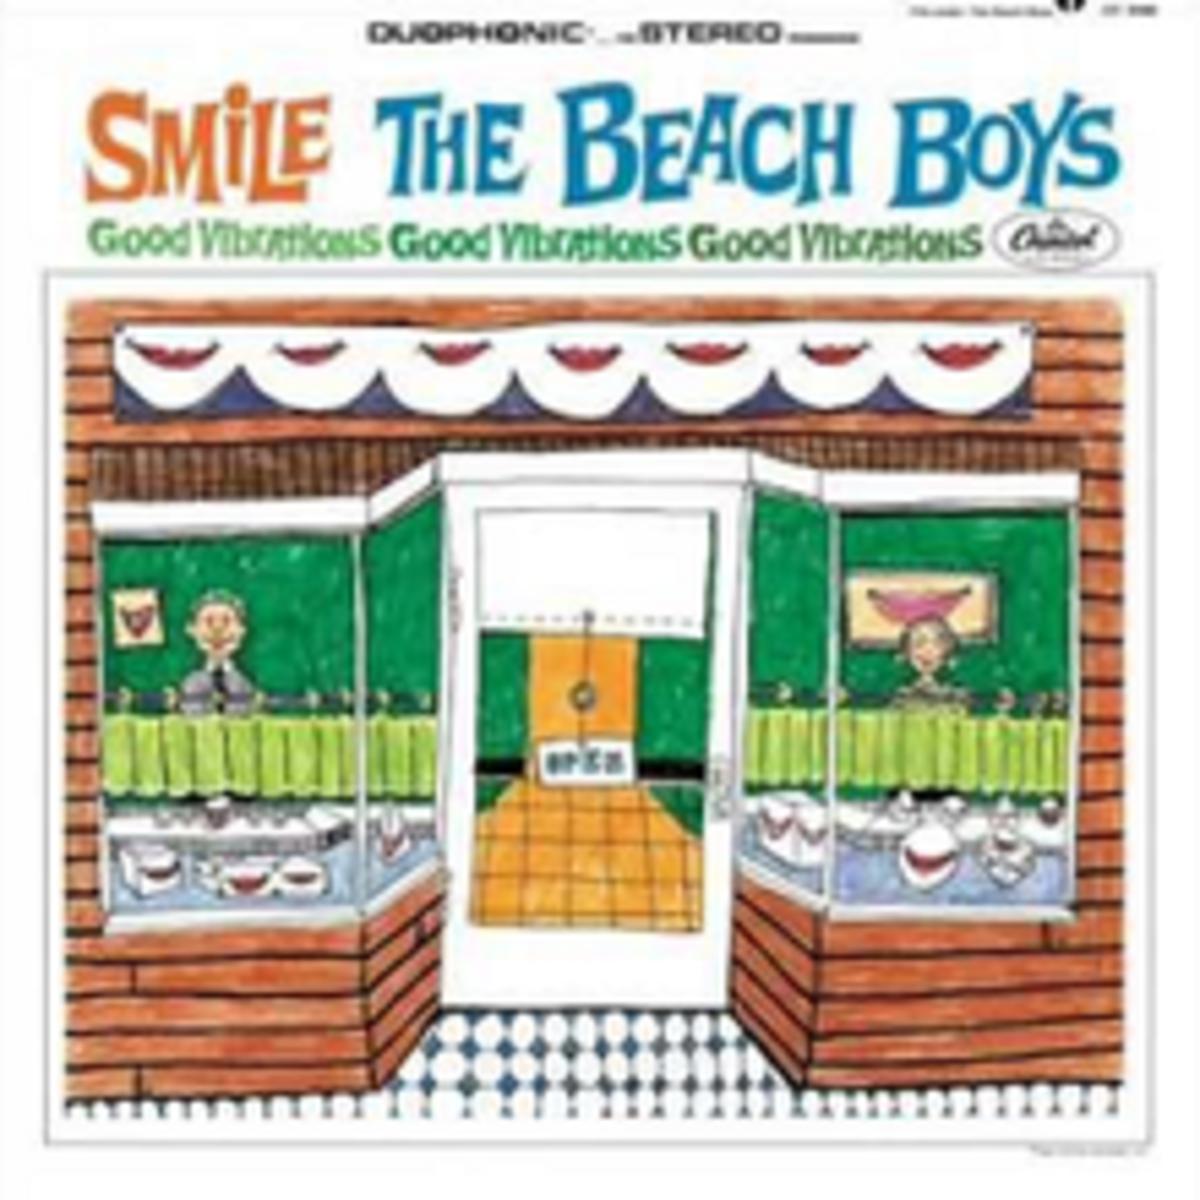 The Beach Boys'